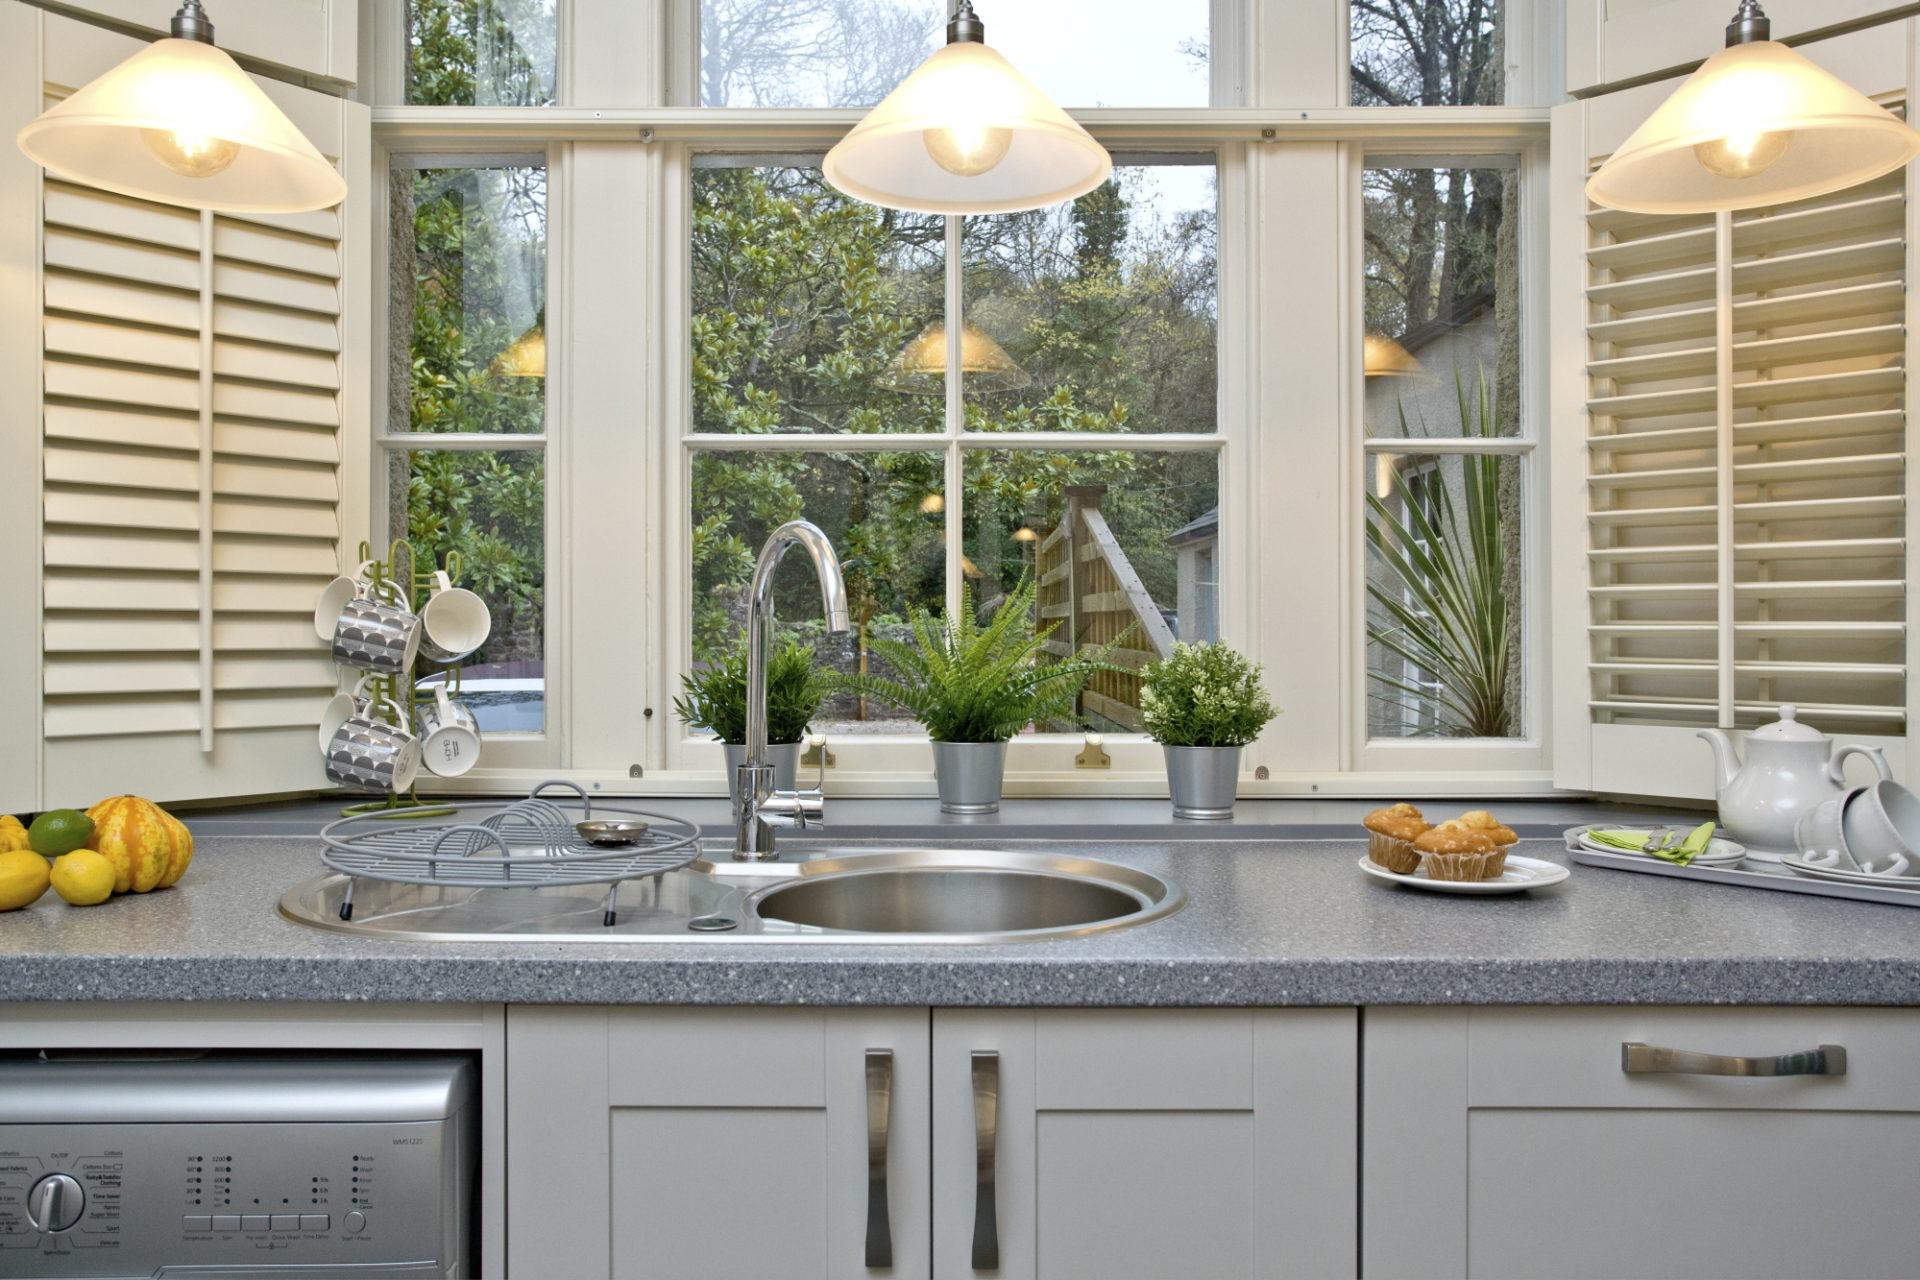 Wisteria cottage- Kitchen view